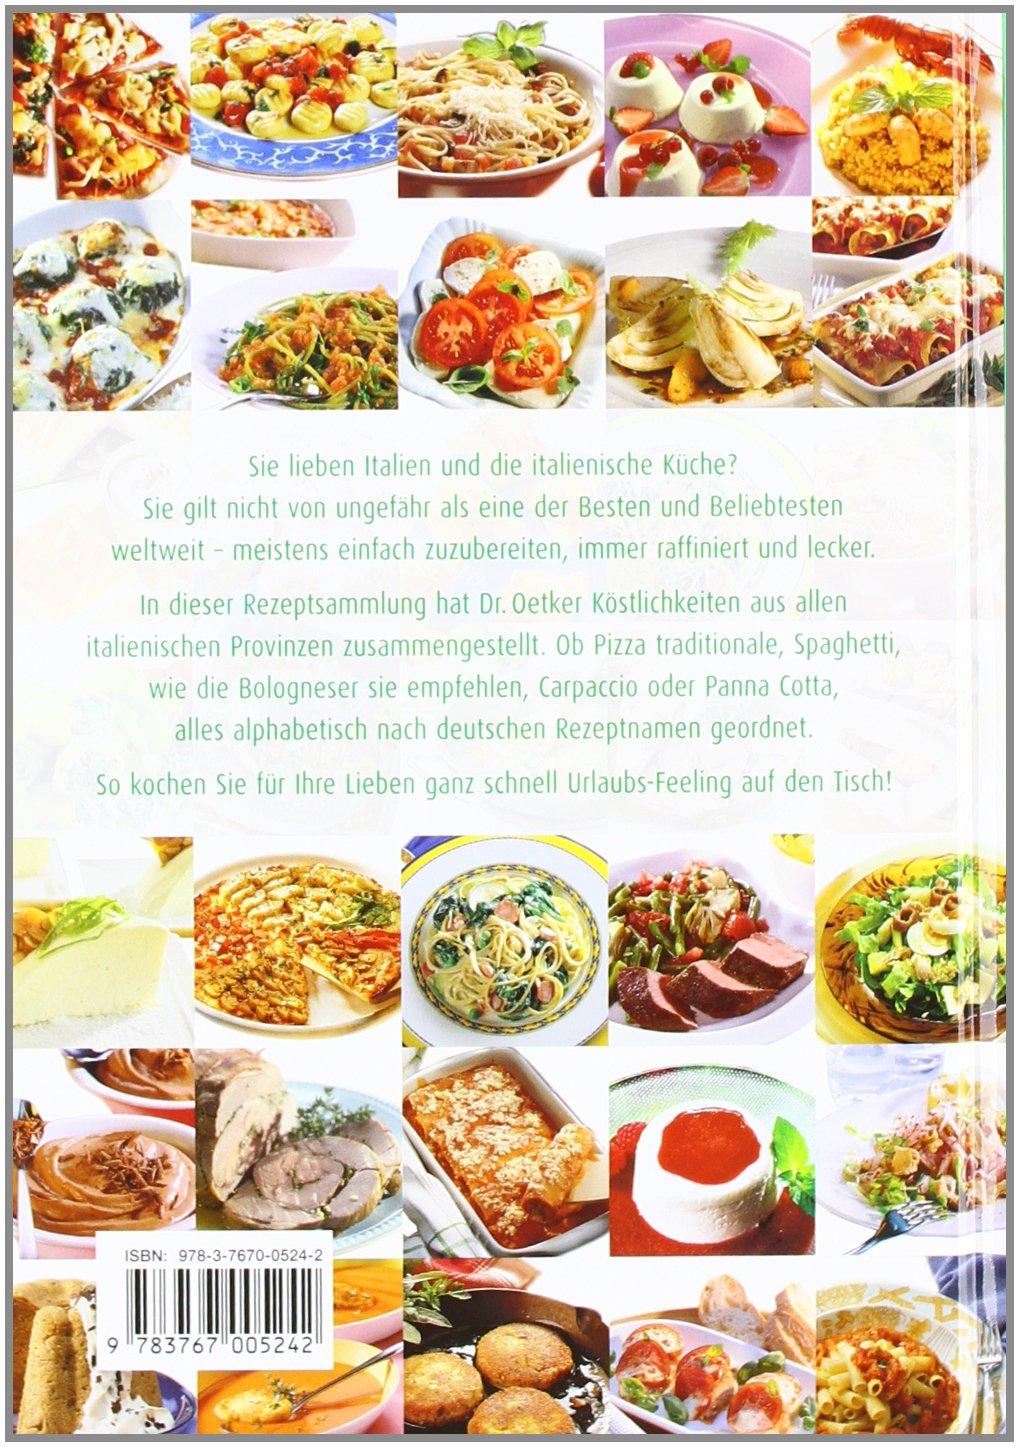 Dr. Oetker: Italienisch Kochen von A - Z - Von Antipasti bis Dolci ...